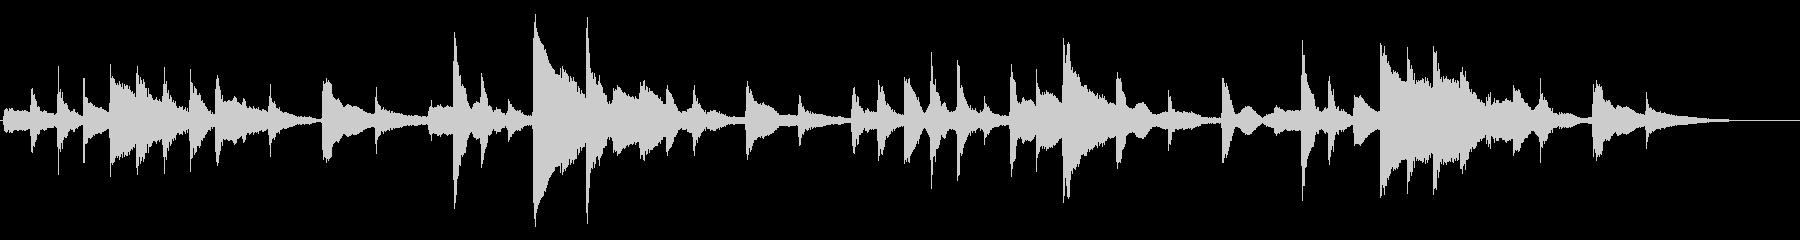 室内楽 劇的な お笑い 面白い 国立楽器の未再生の波形